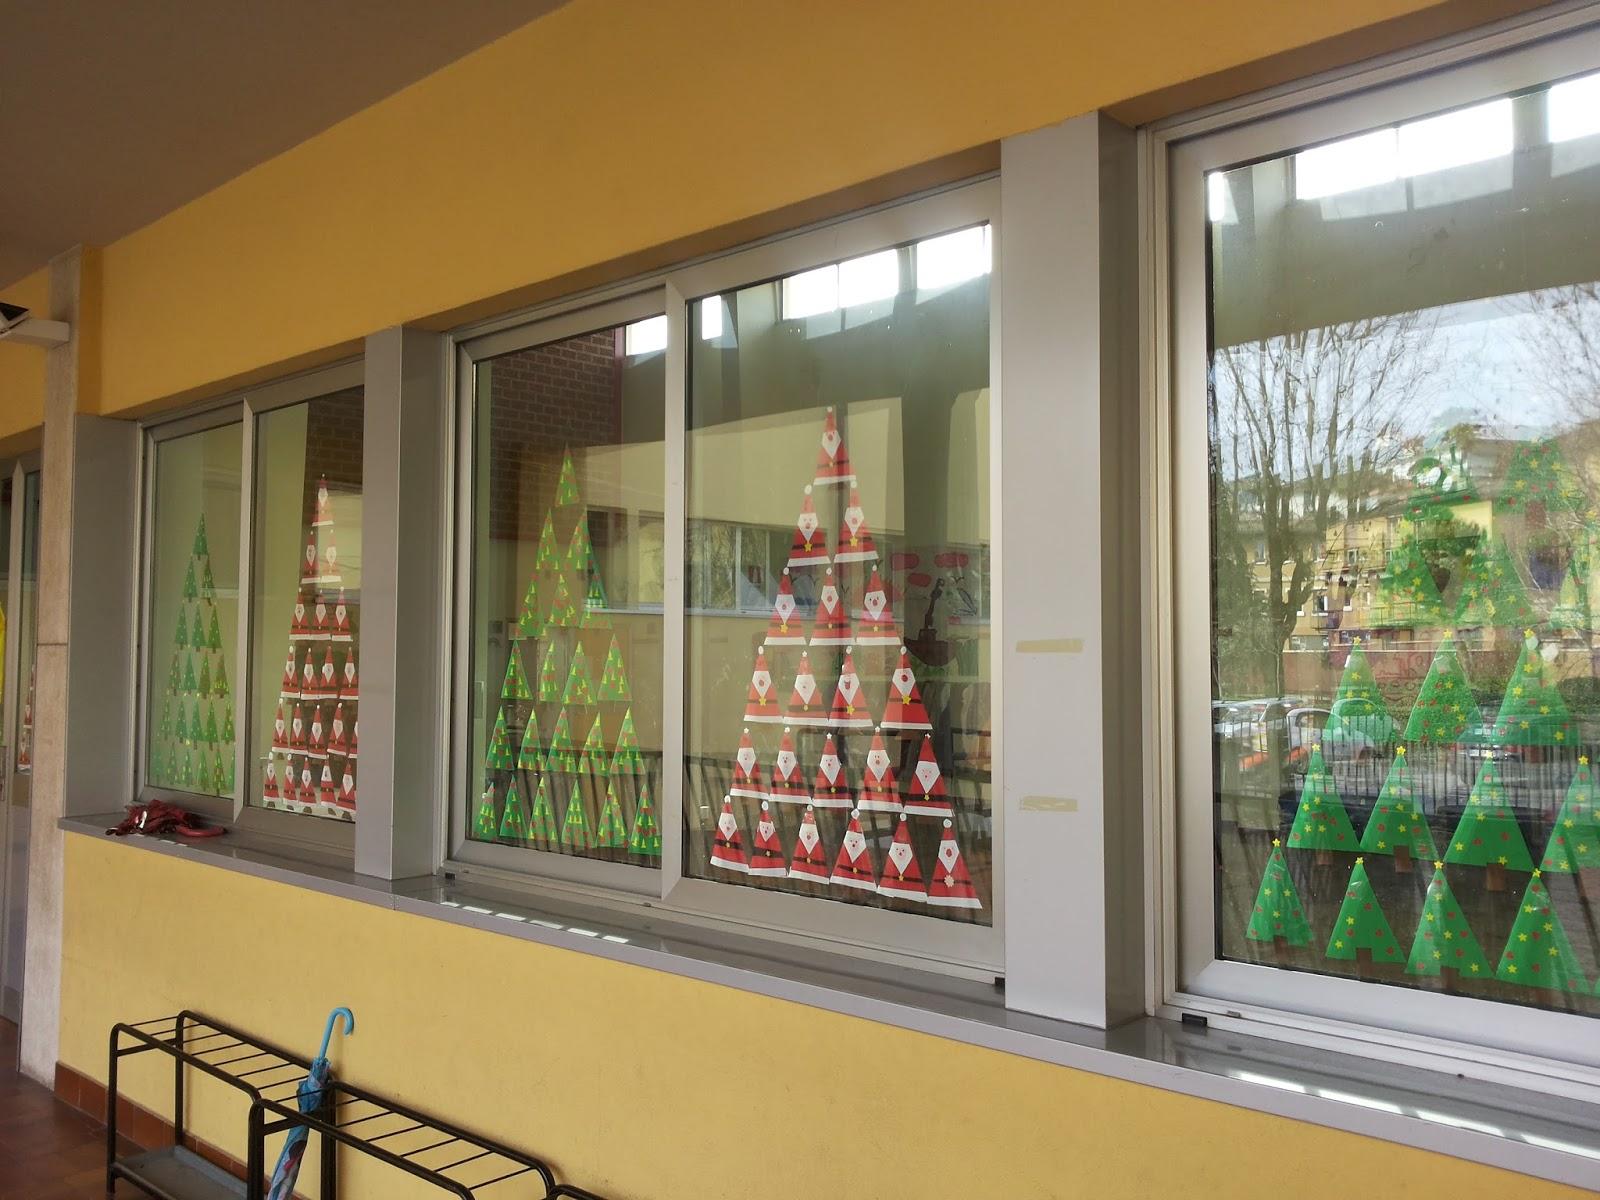 Bimbi della b albero for Addobbi finestre natale scuola infanzia